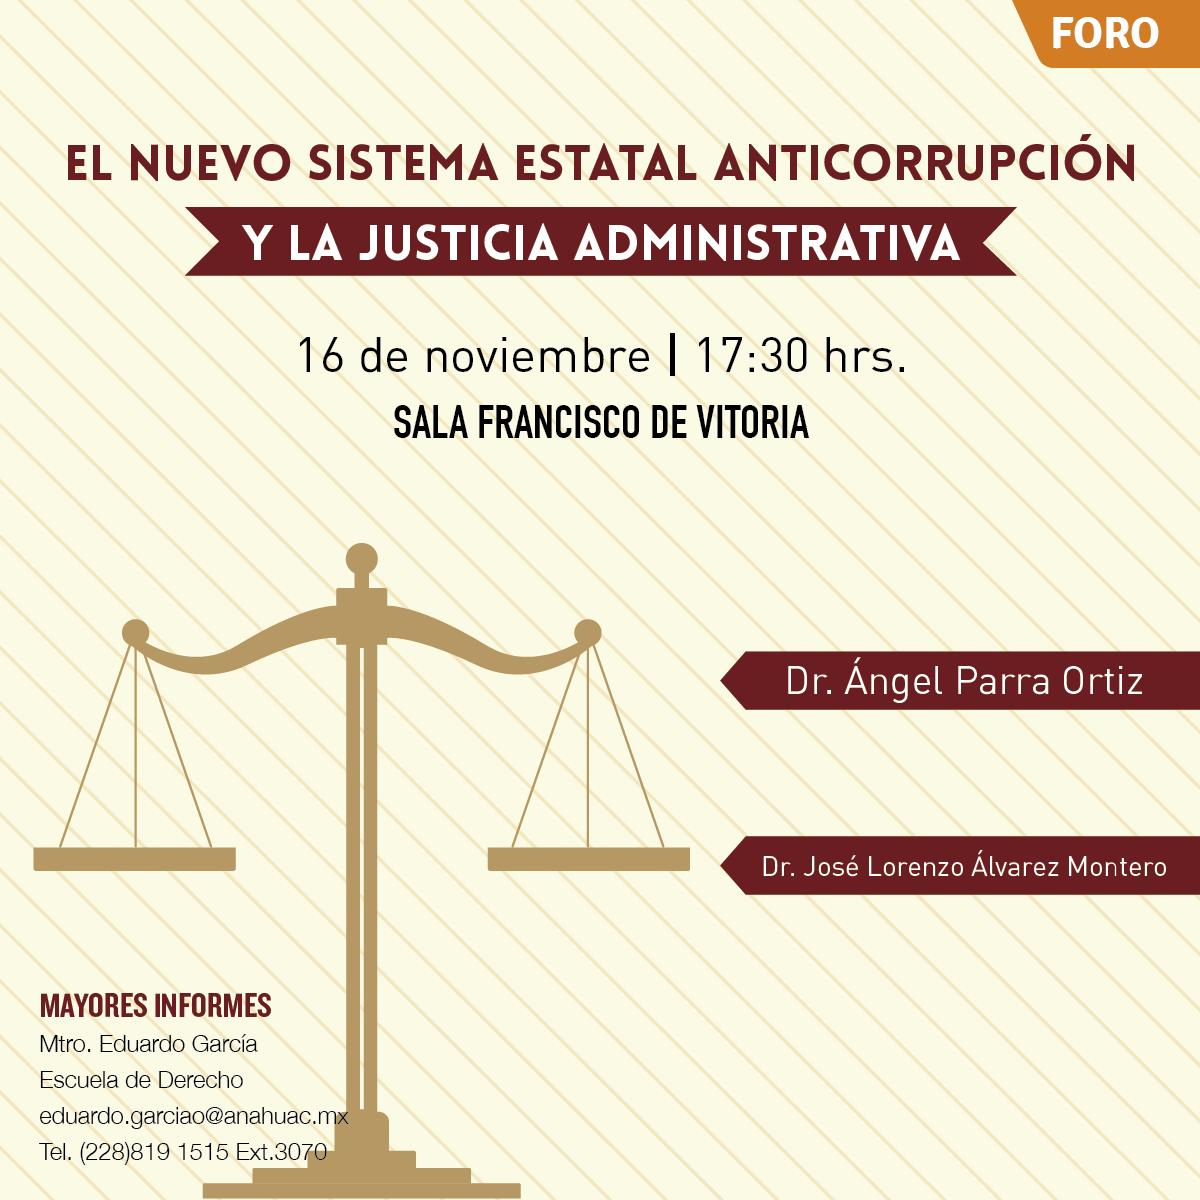 El Nuevo Sistema Estatal Anticorrupción